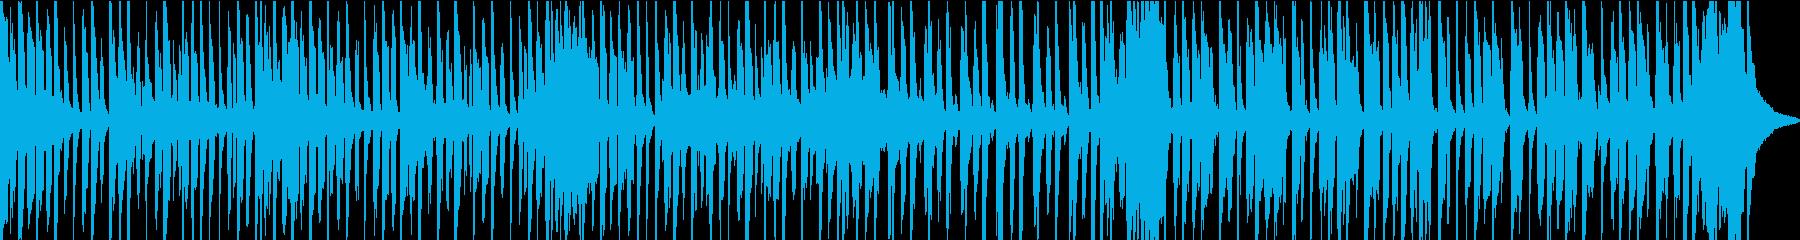 素敵なグルーヴのあるレゲエトラック...の再生済みの波形